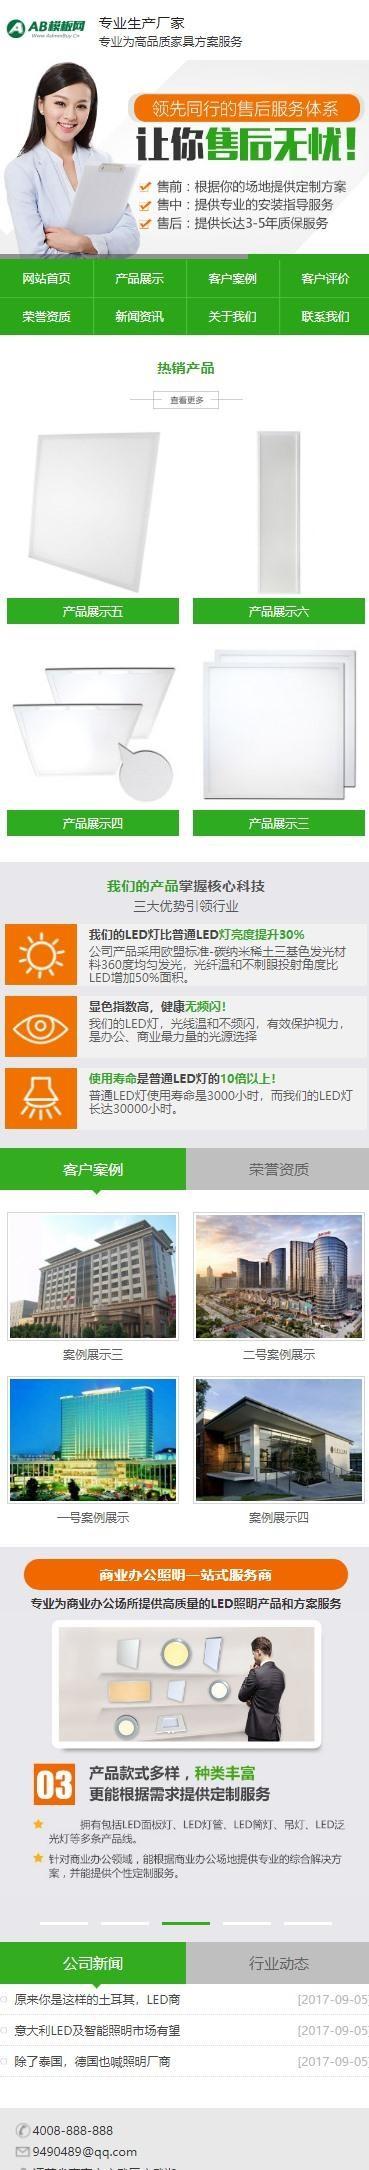 绿色营销网站织梦模板源码